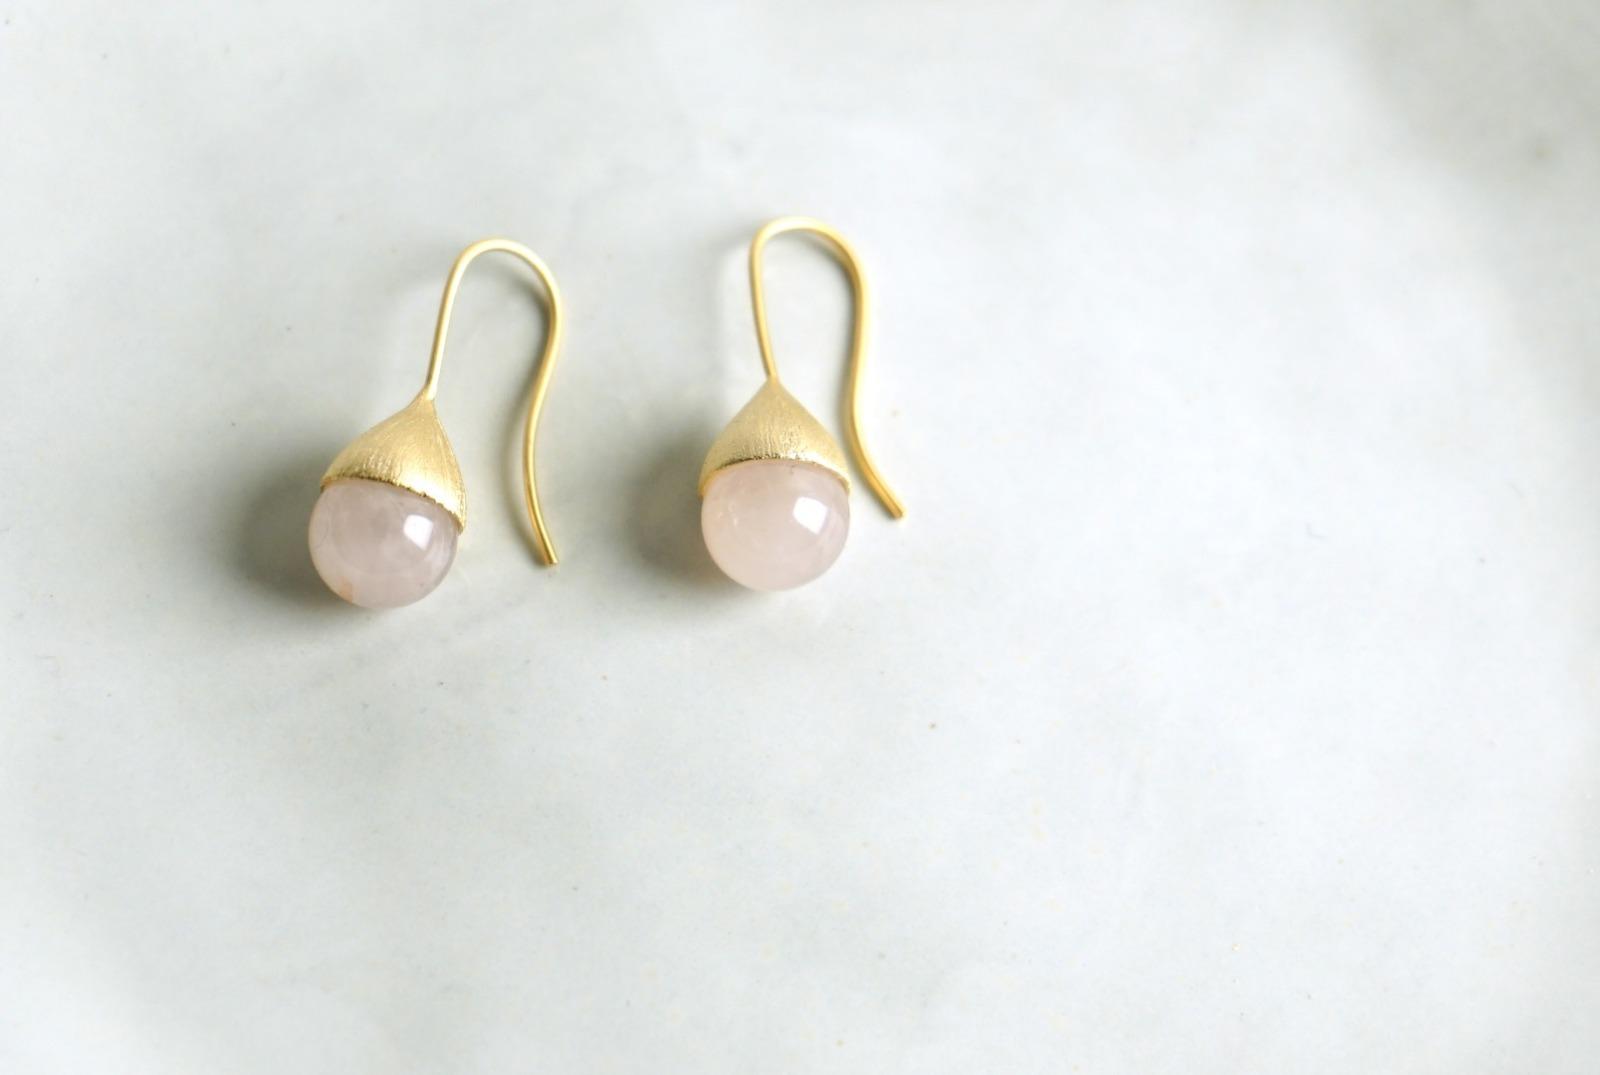 Ohrhänger Hütchen vergoldet mit Perle Rosenquarz - 1